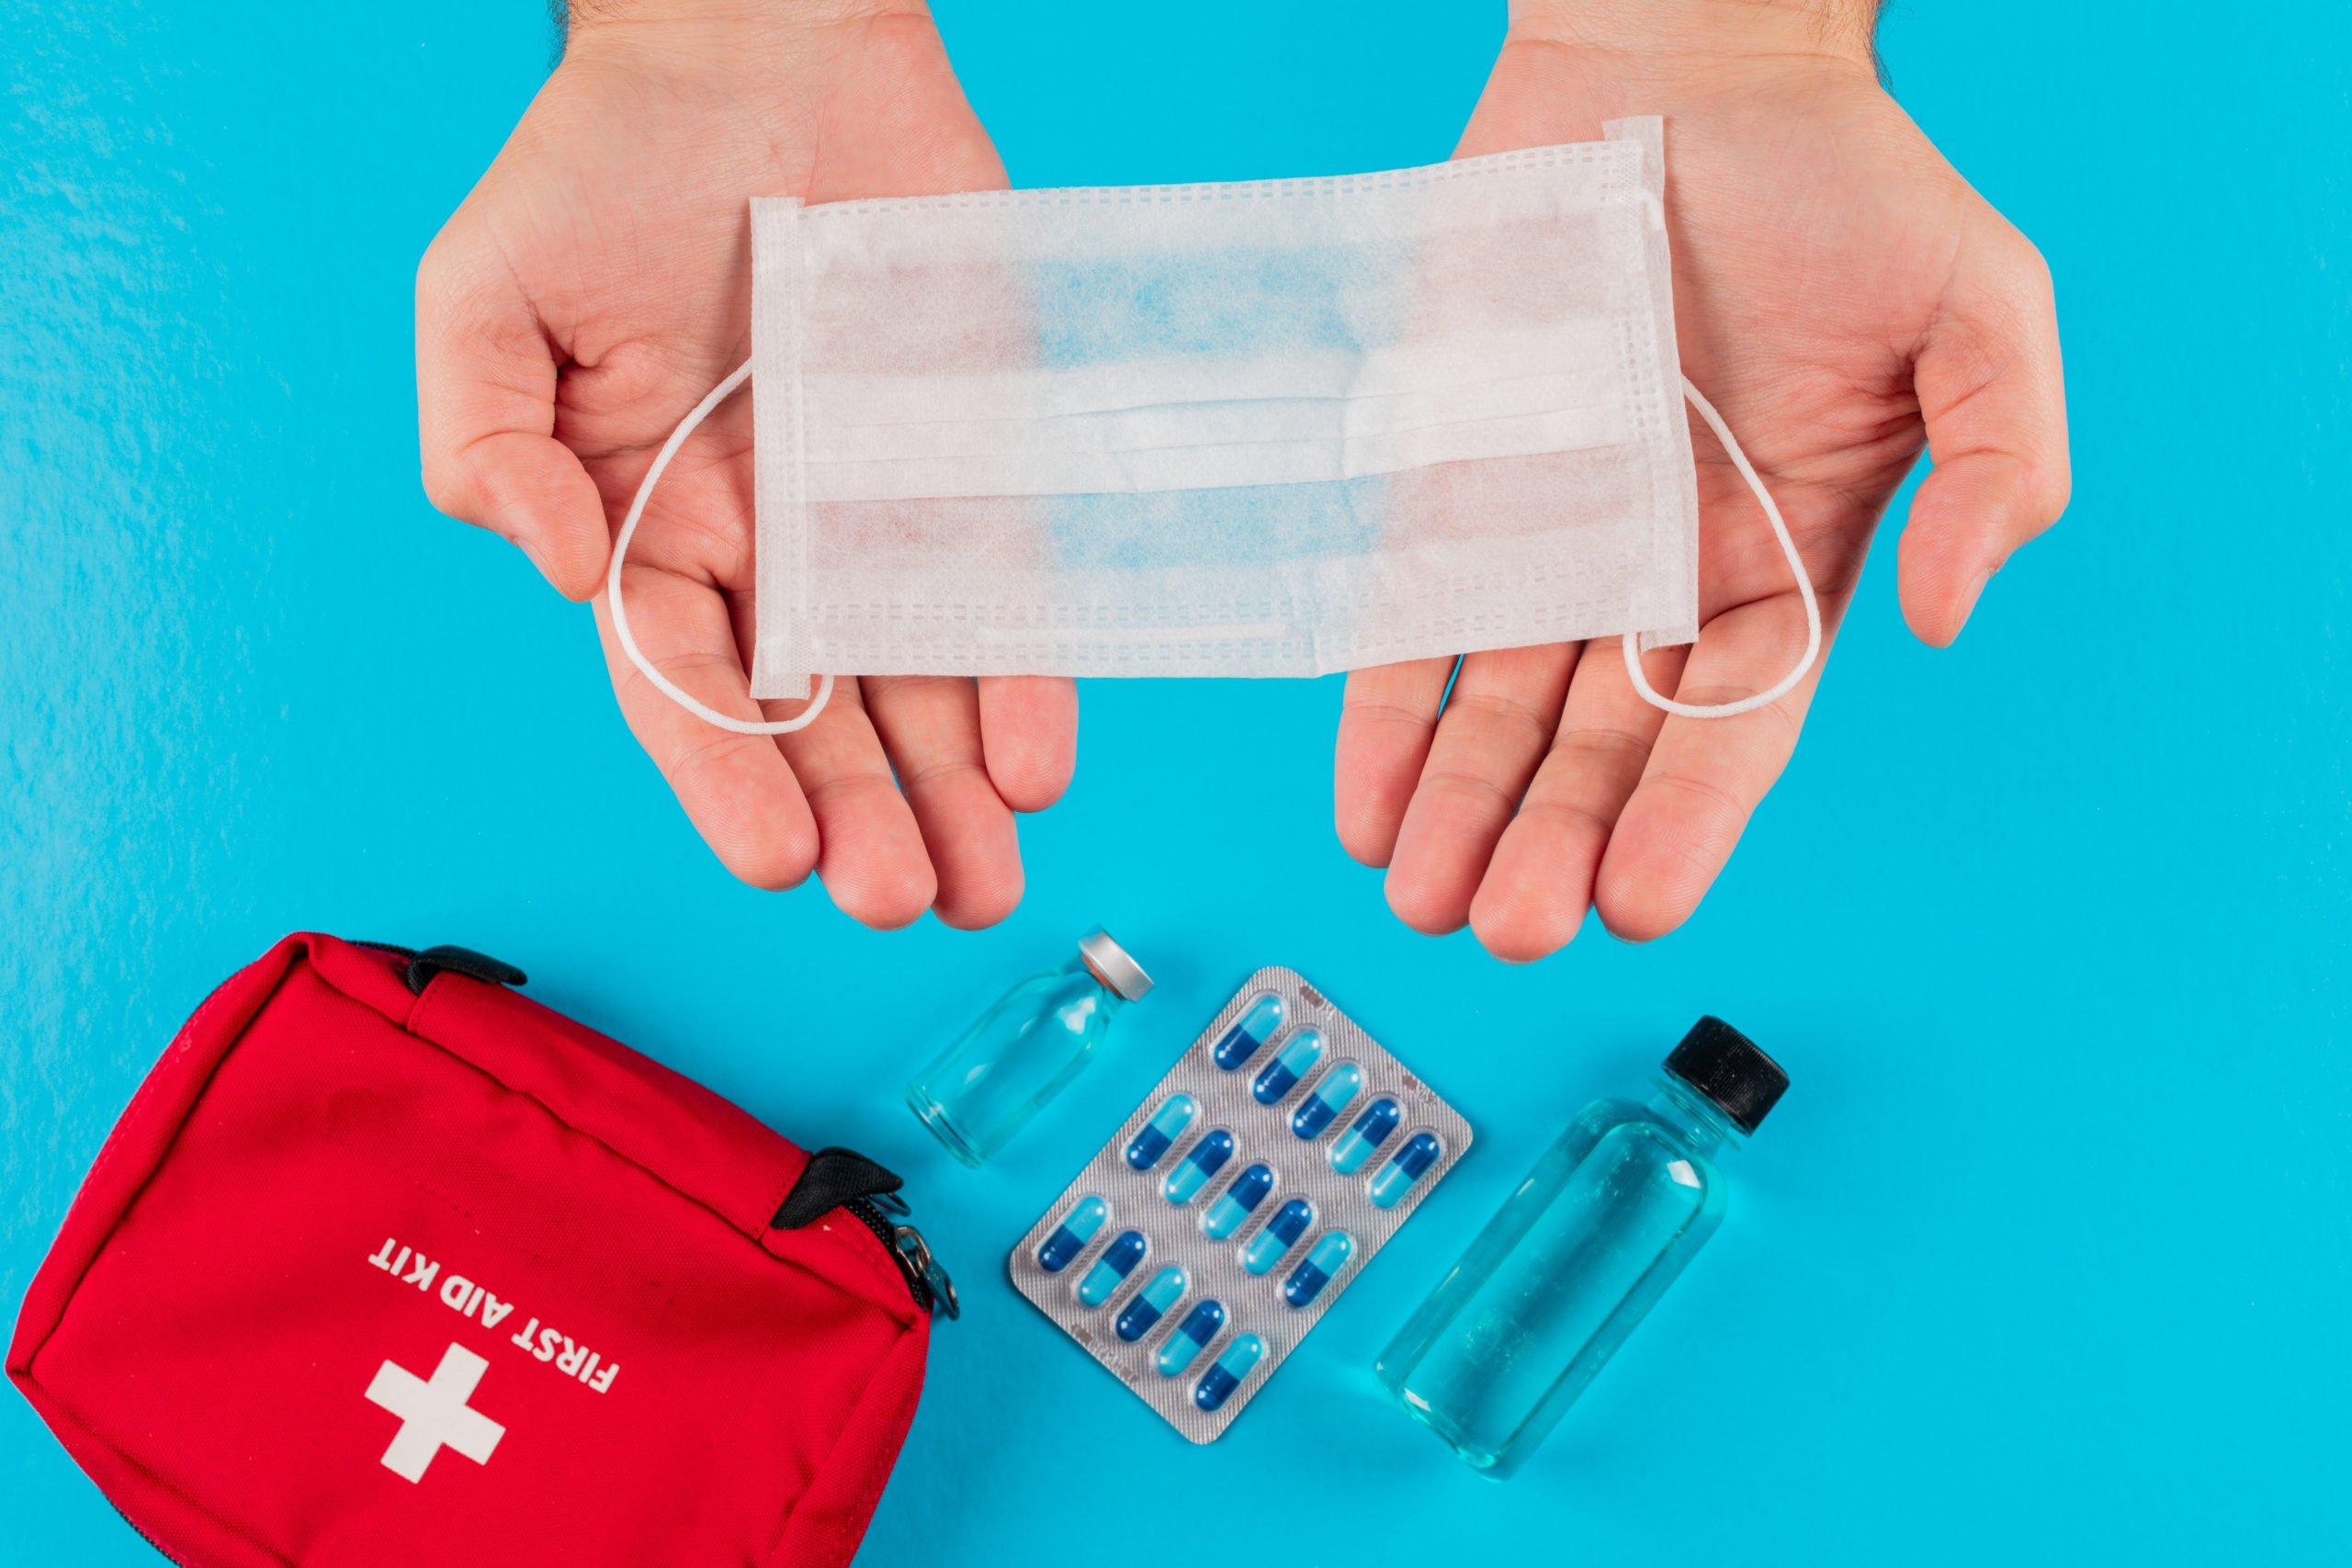 medico mostrando productos sanitarios